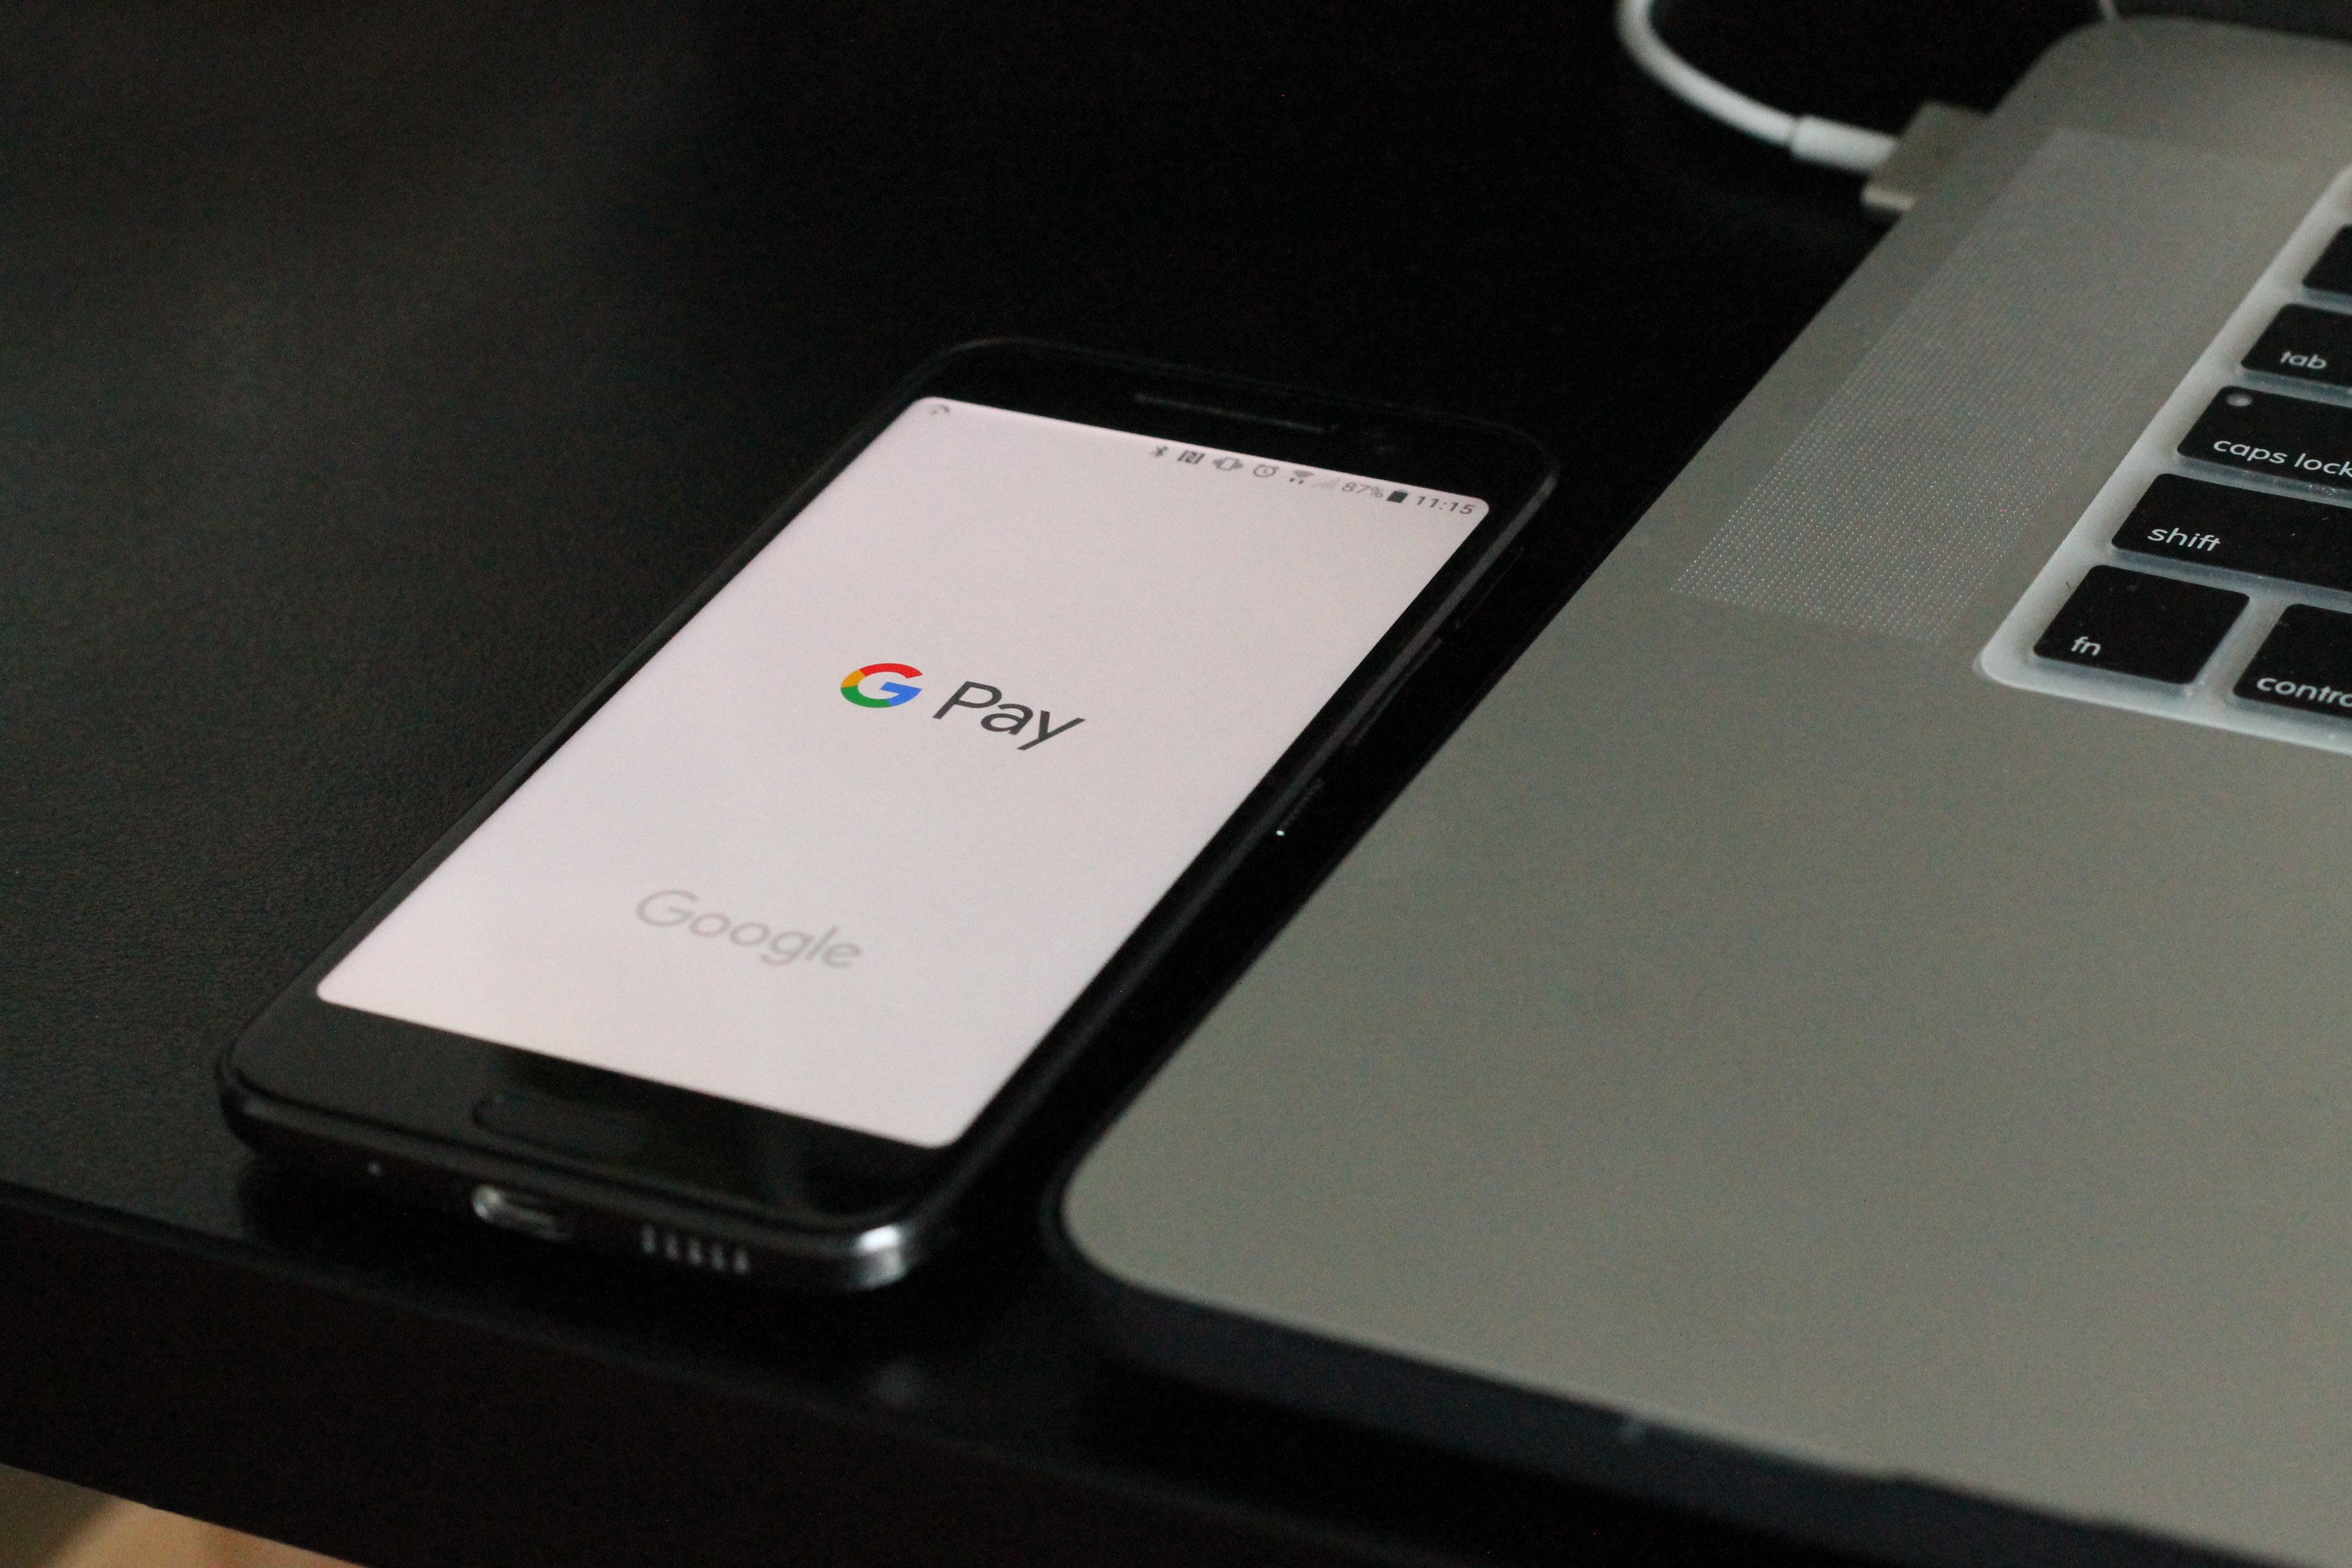 Produkty Google i Apple a bankowość mobilna w Polsce 27